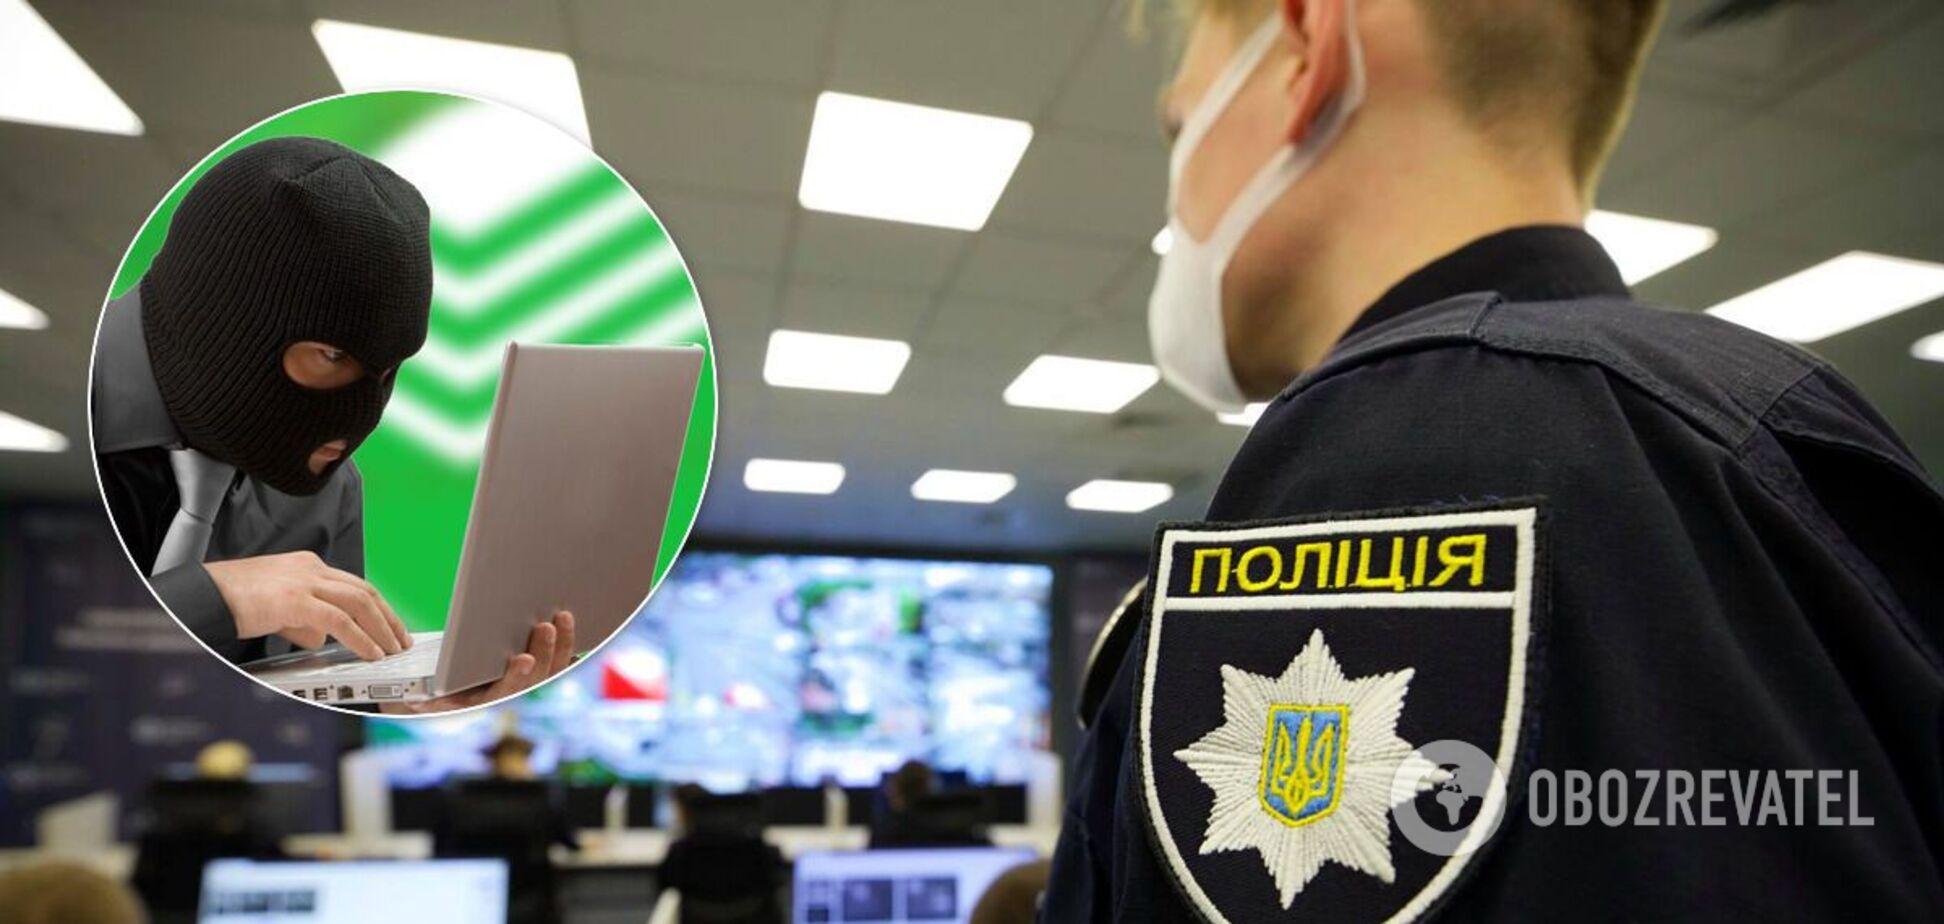 Злам сайтів Нацполіції: у МВС повідомили про прорив у пошуку хакерів